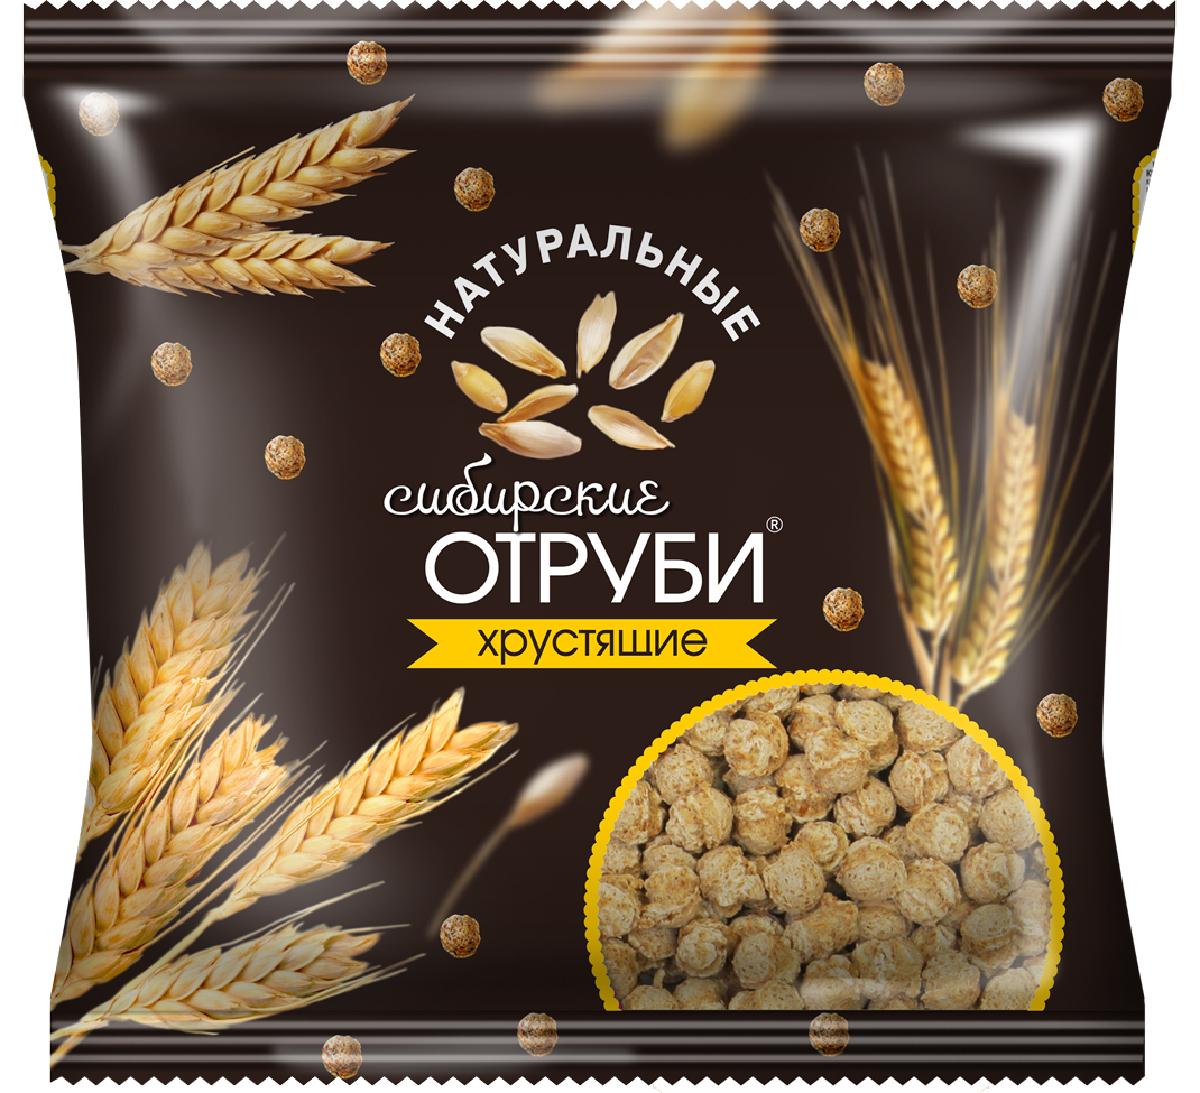 Сибирские Отруби хрустящие натуральные, 100 г сибирские отруби хрустящие сила ягод 100 г